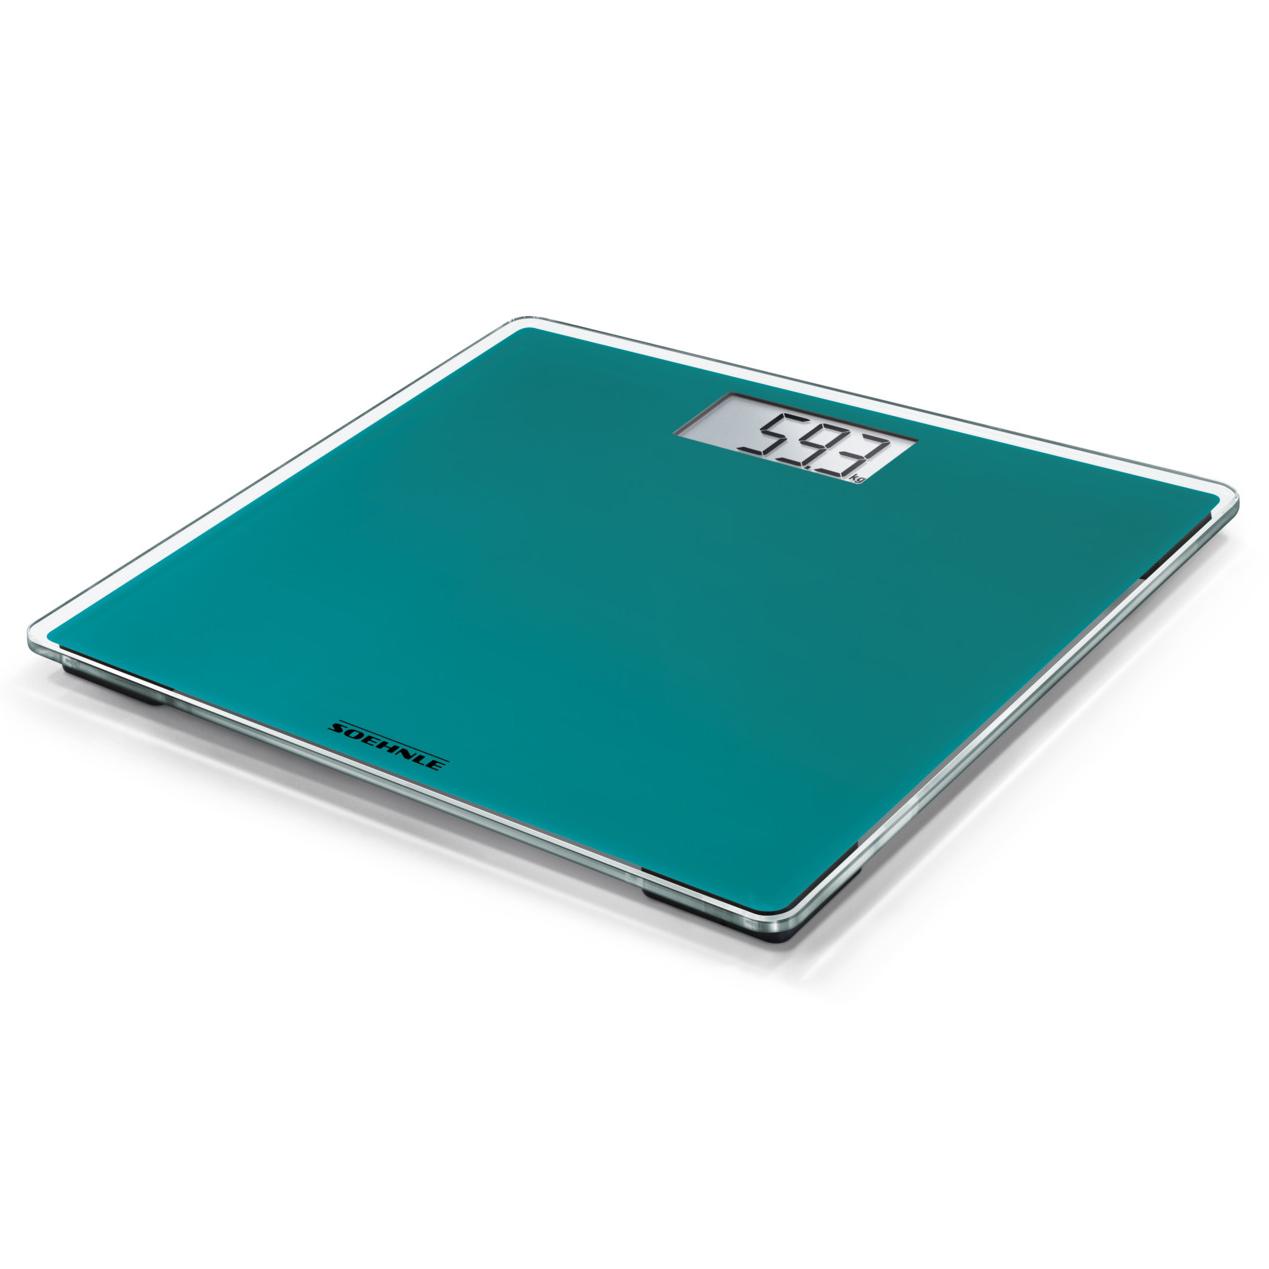 Soehnle Style Sense Compact 200 Ocean Green osobní váha - digitální SOEHNLE 63877